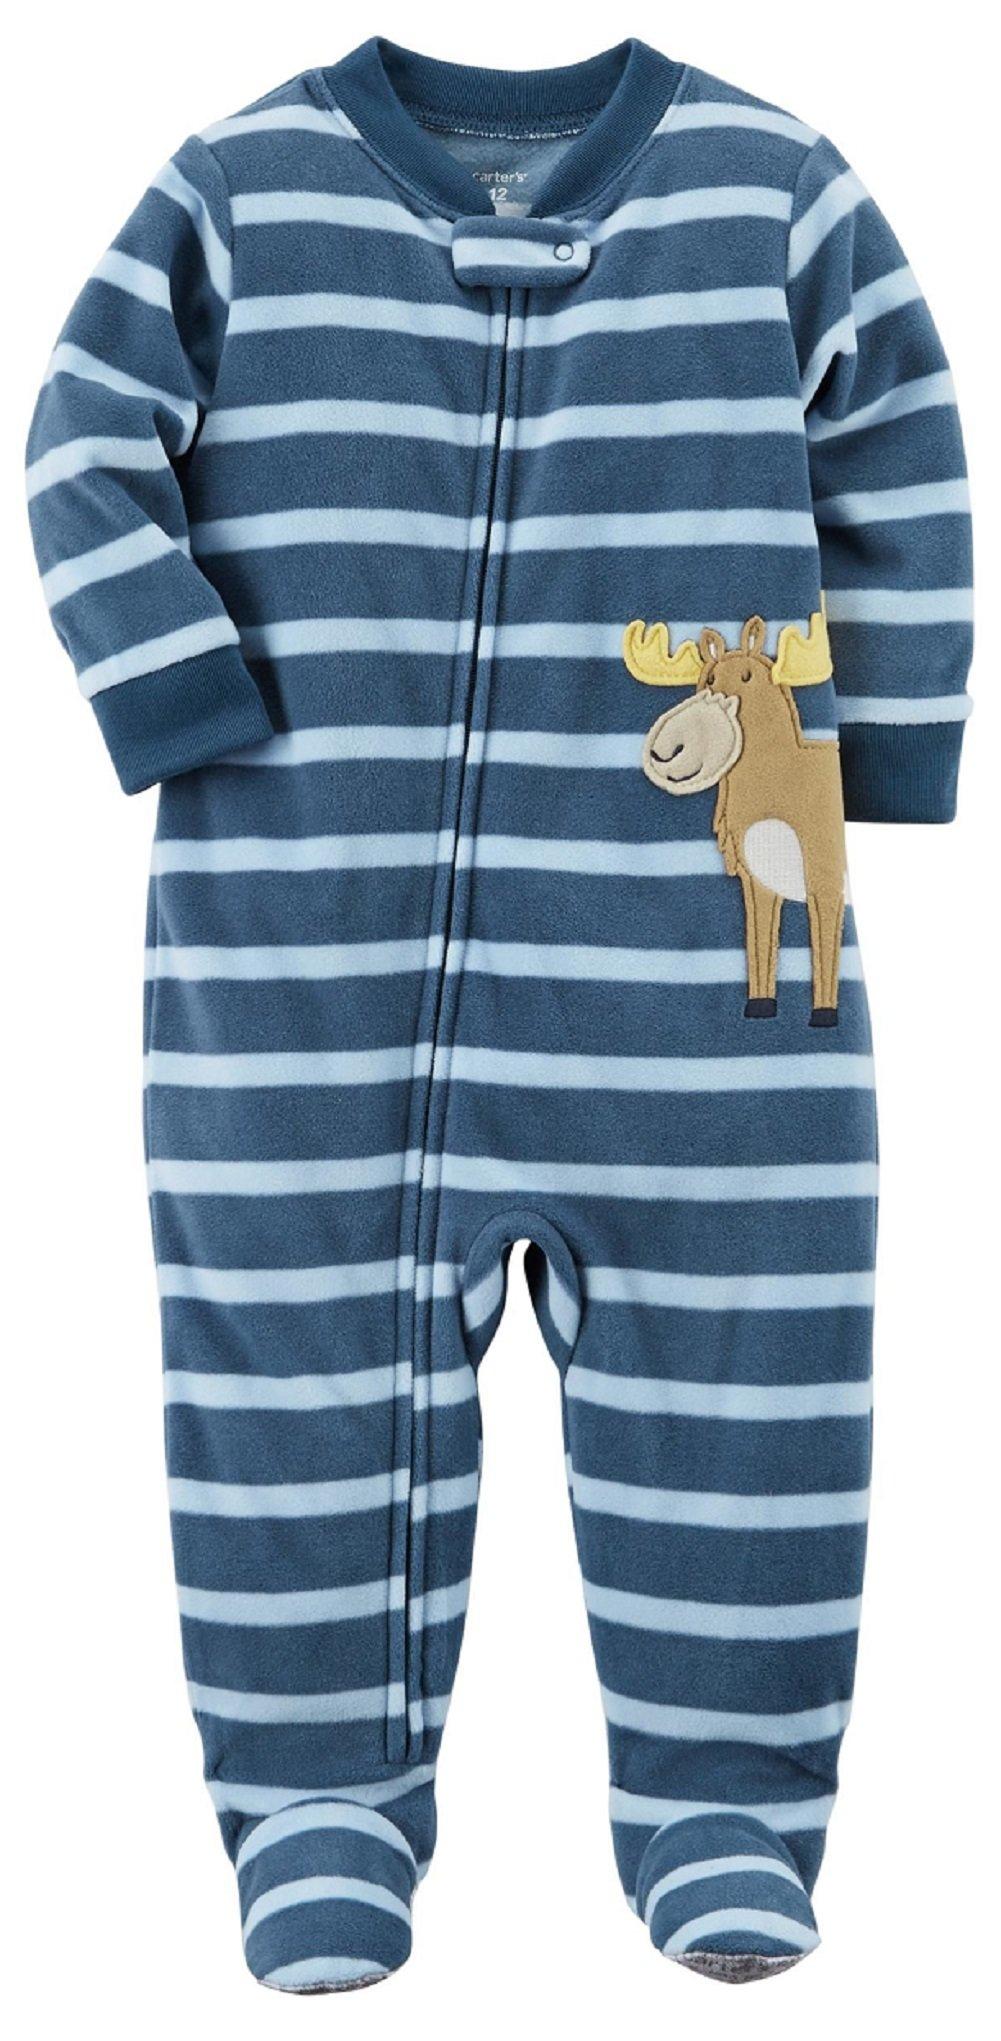 pjs one pajamas sleepers baby zoom carters loading sleeper v piece fleece girl